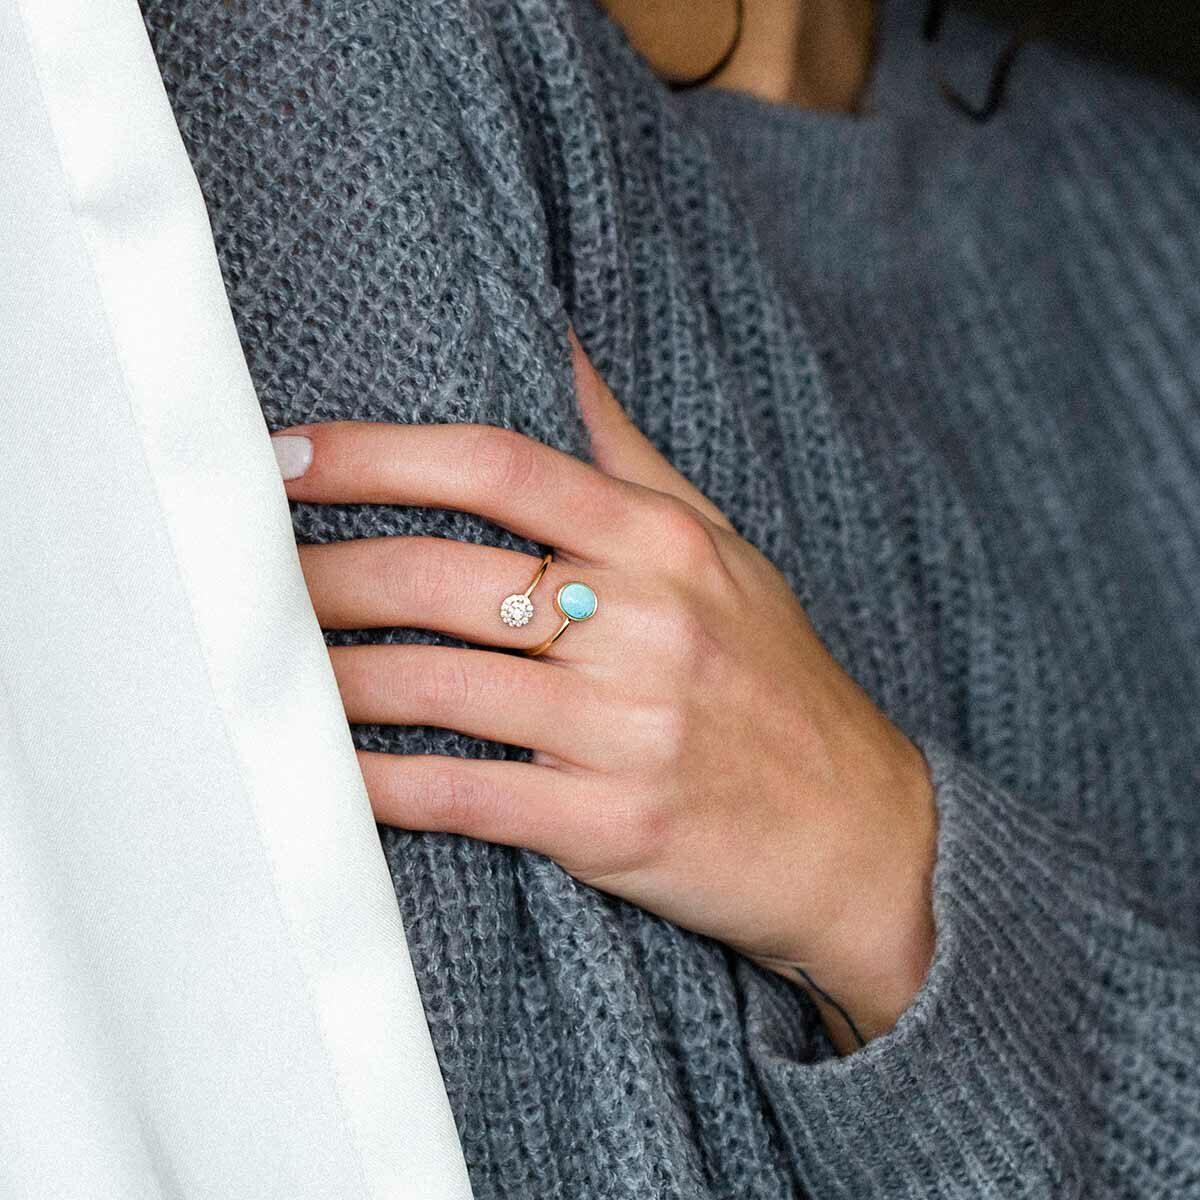 انگشتر طلا دایره نگین دار و فیروزه پرسته